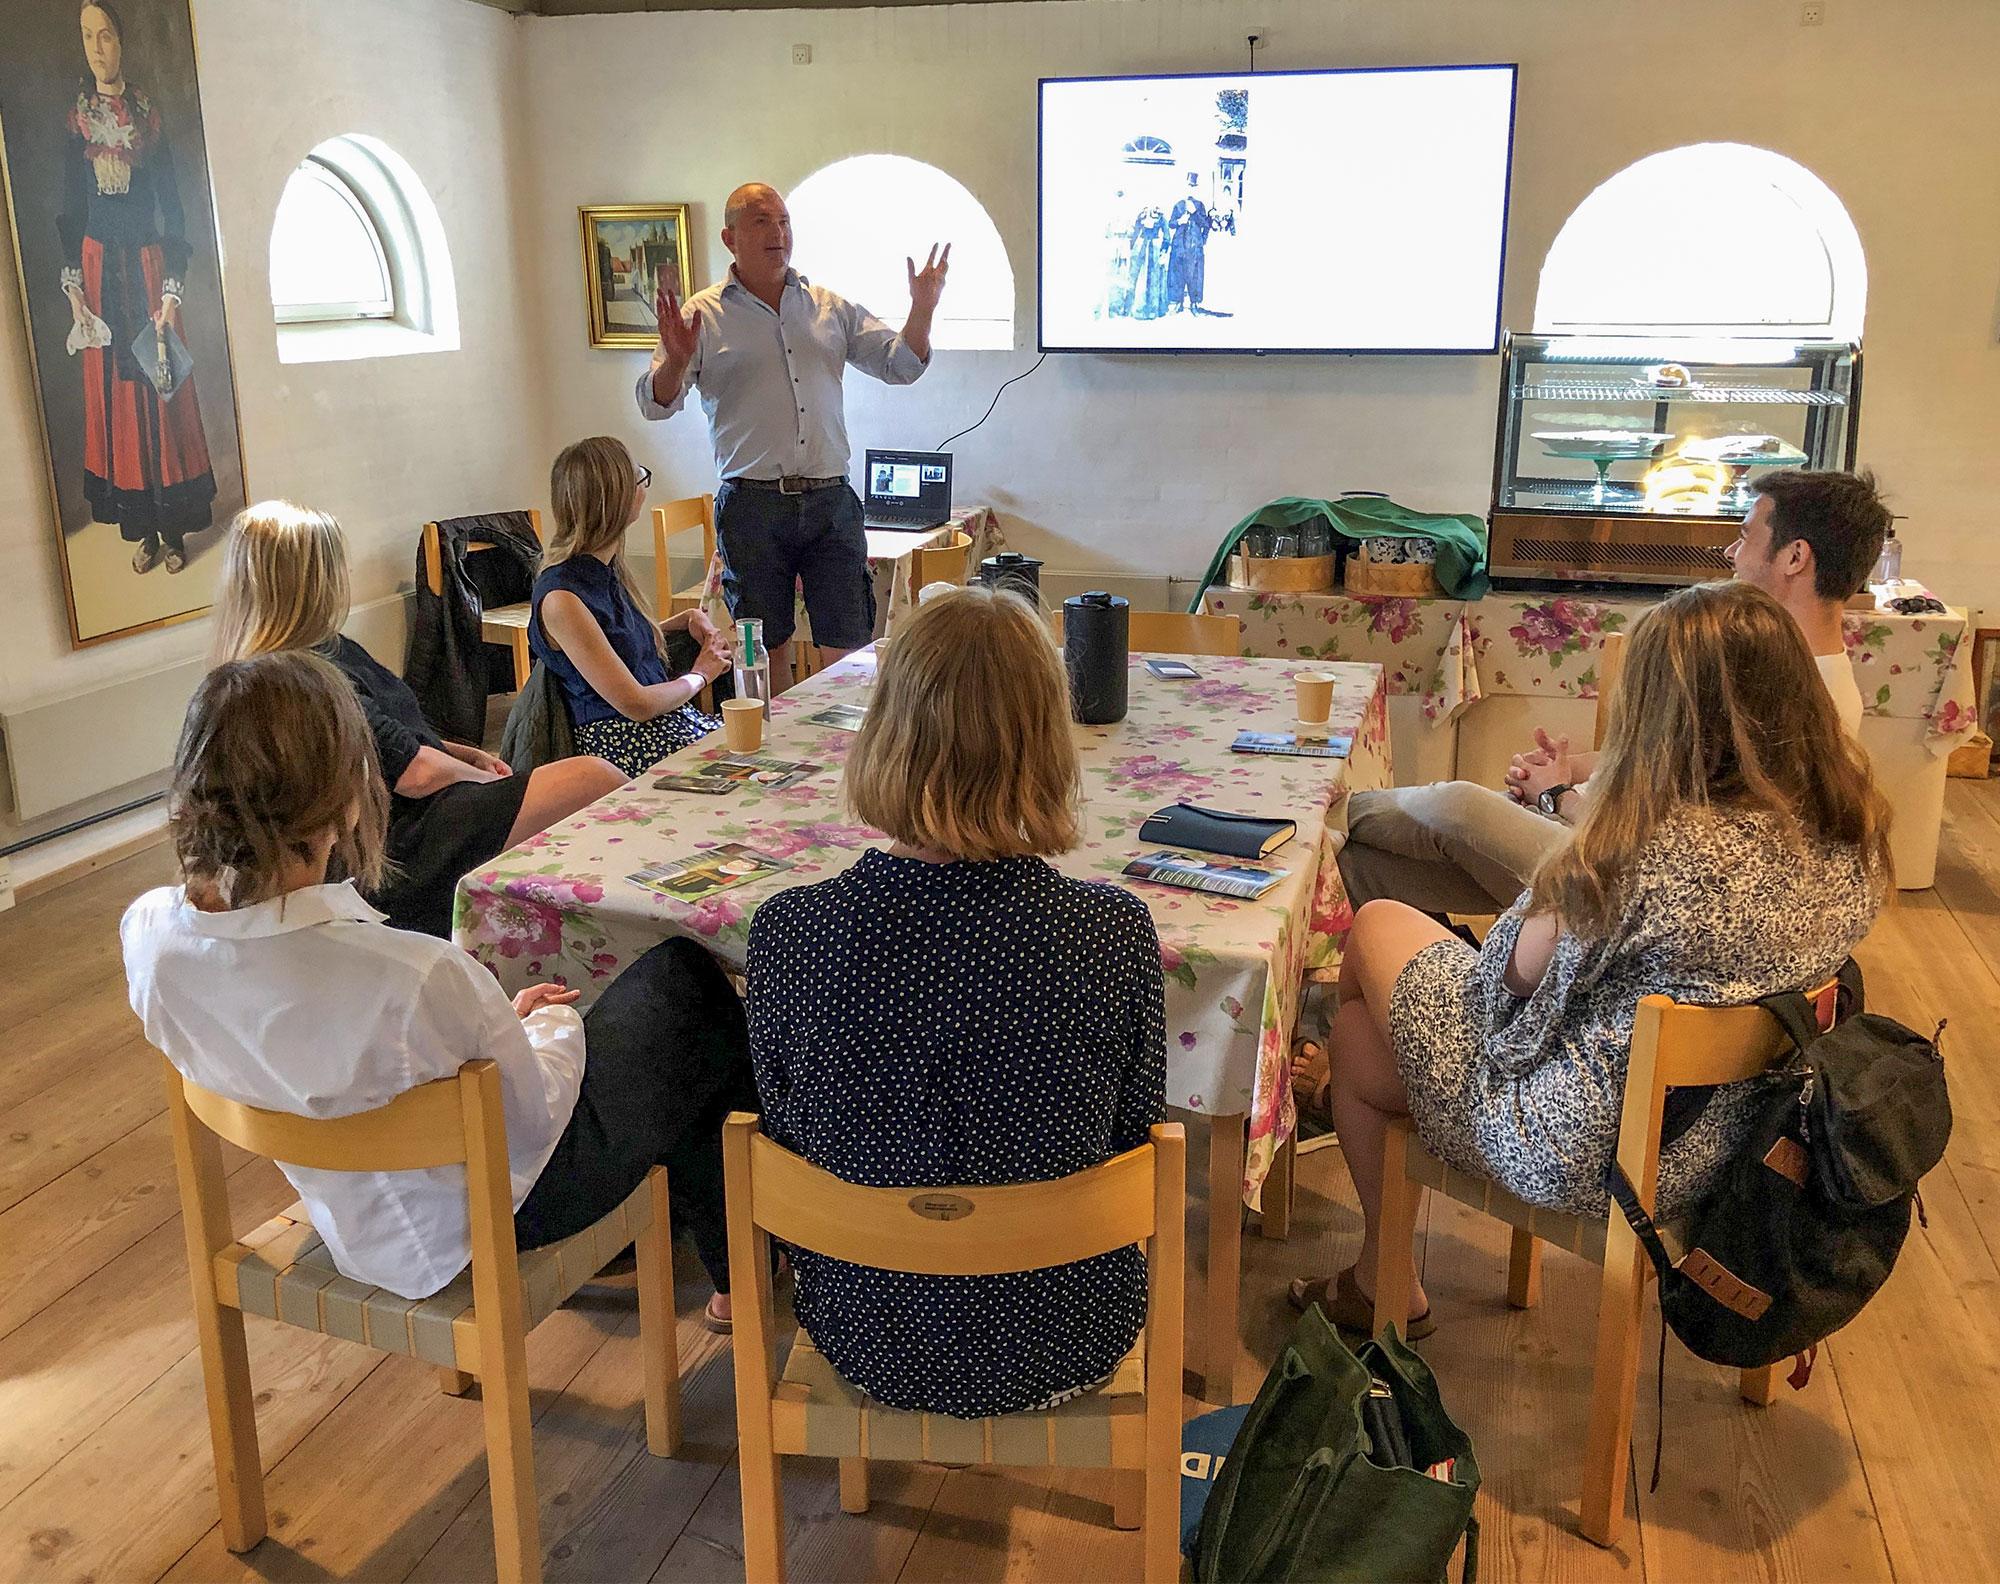 Museumsdirektør Søren Mentz holder oplæg for kursisterne.